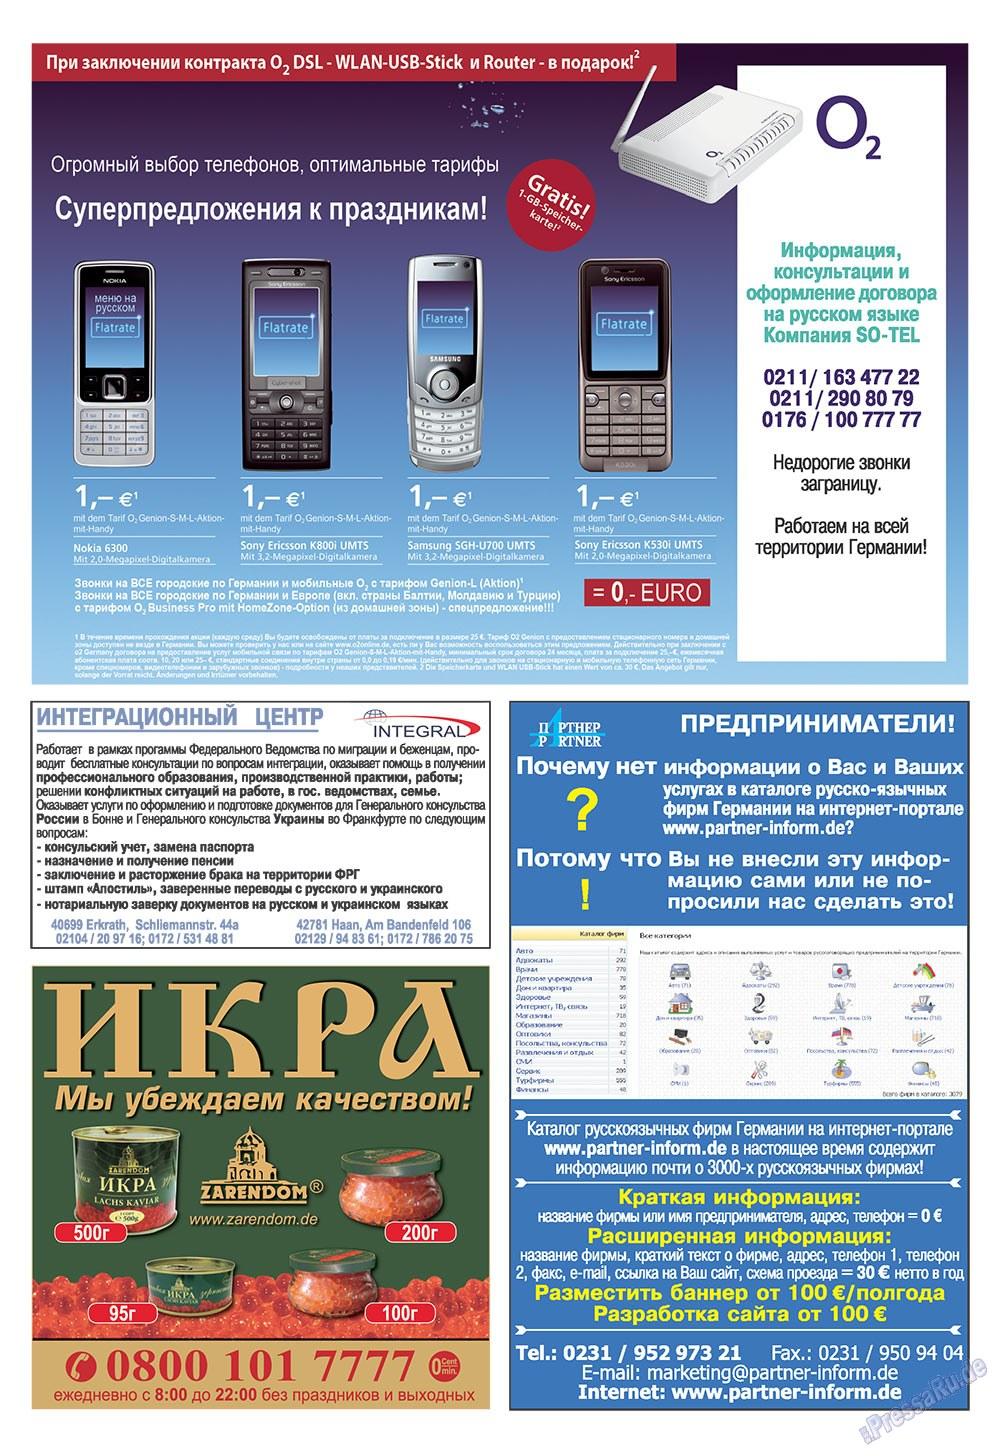 Партнер (журнал). 2008 год, номер 2, стр. 4